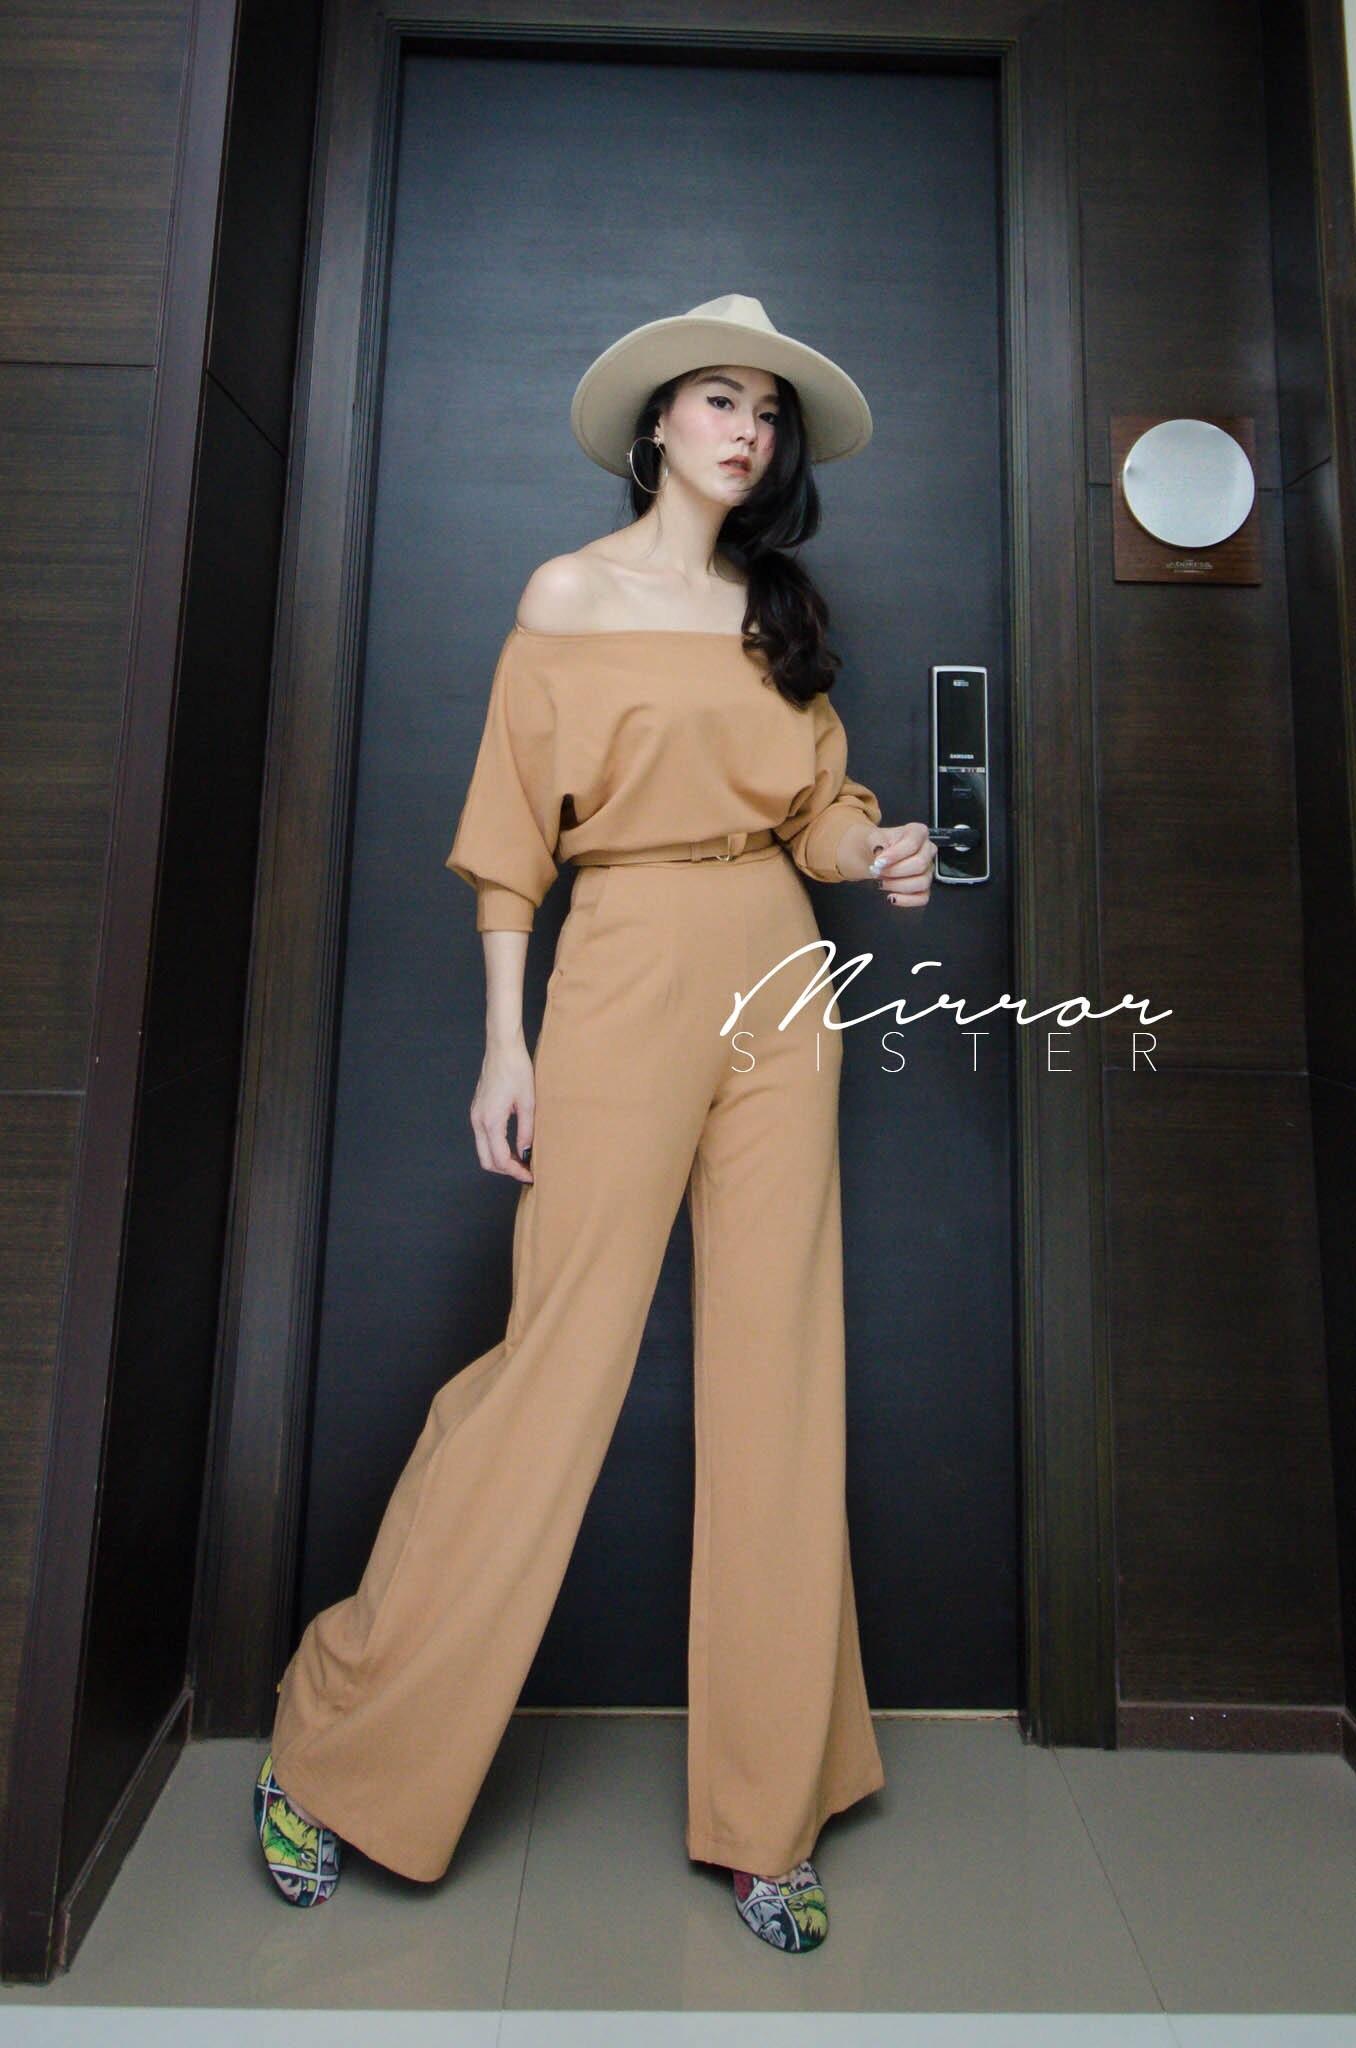 ชุดกางเกงทรงสวยมากกก แพทเทรินเป๊ะปังดีงามทั้งตัว ช่วงบนเป็นเสื้อไหล่ตกหรือปาดไหล่ ช่วงกางเกงทรงกระบอกใหญ่สวยมาก มาพร้อมเข็มขัดเส้นใหญ่สีเดียวกันกับชุดหัวมนๆอะ